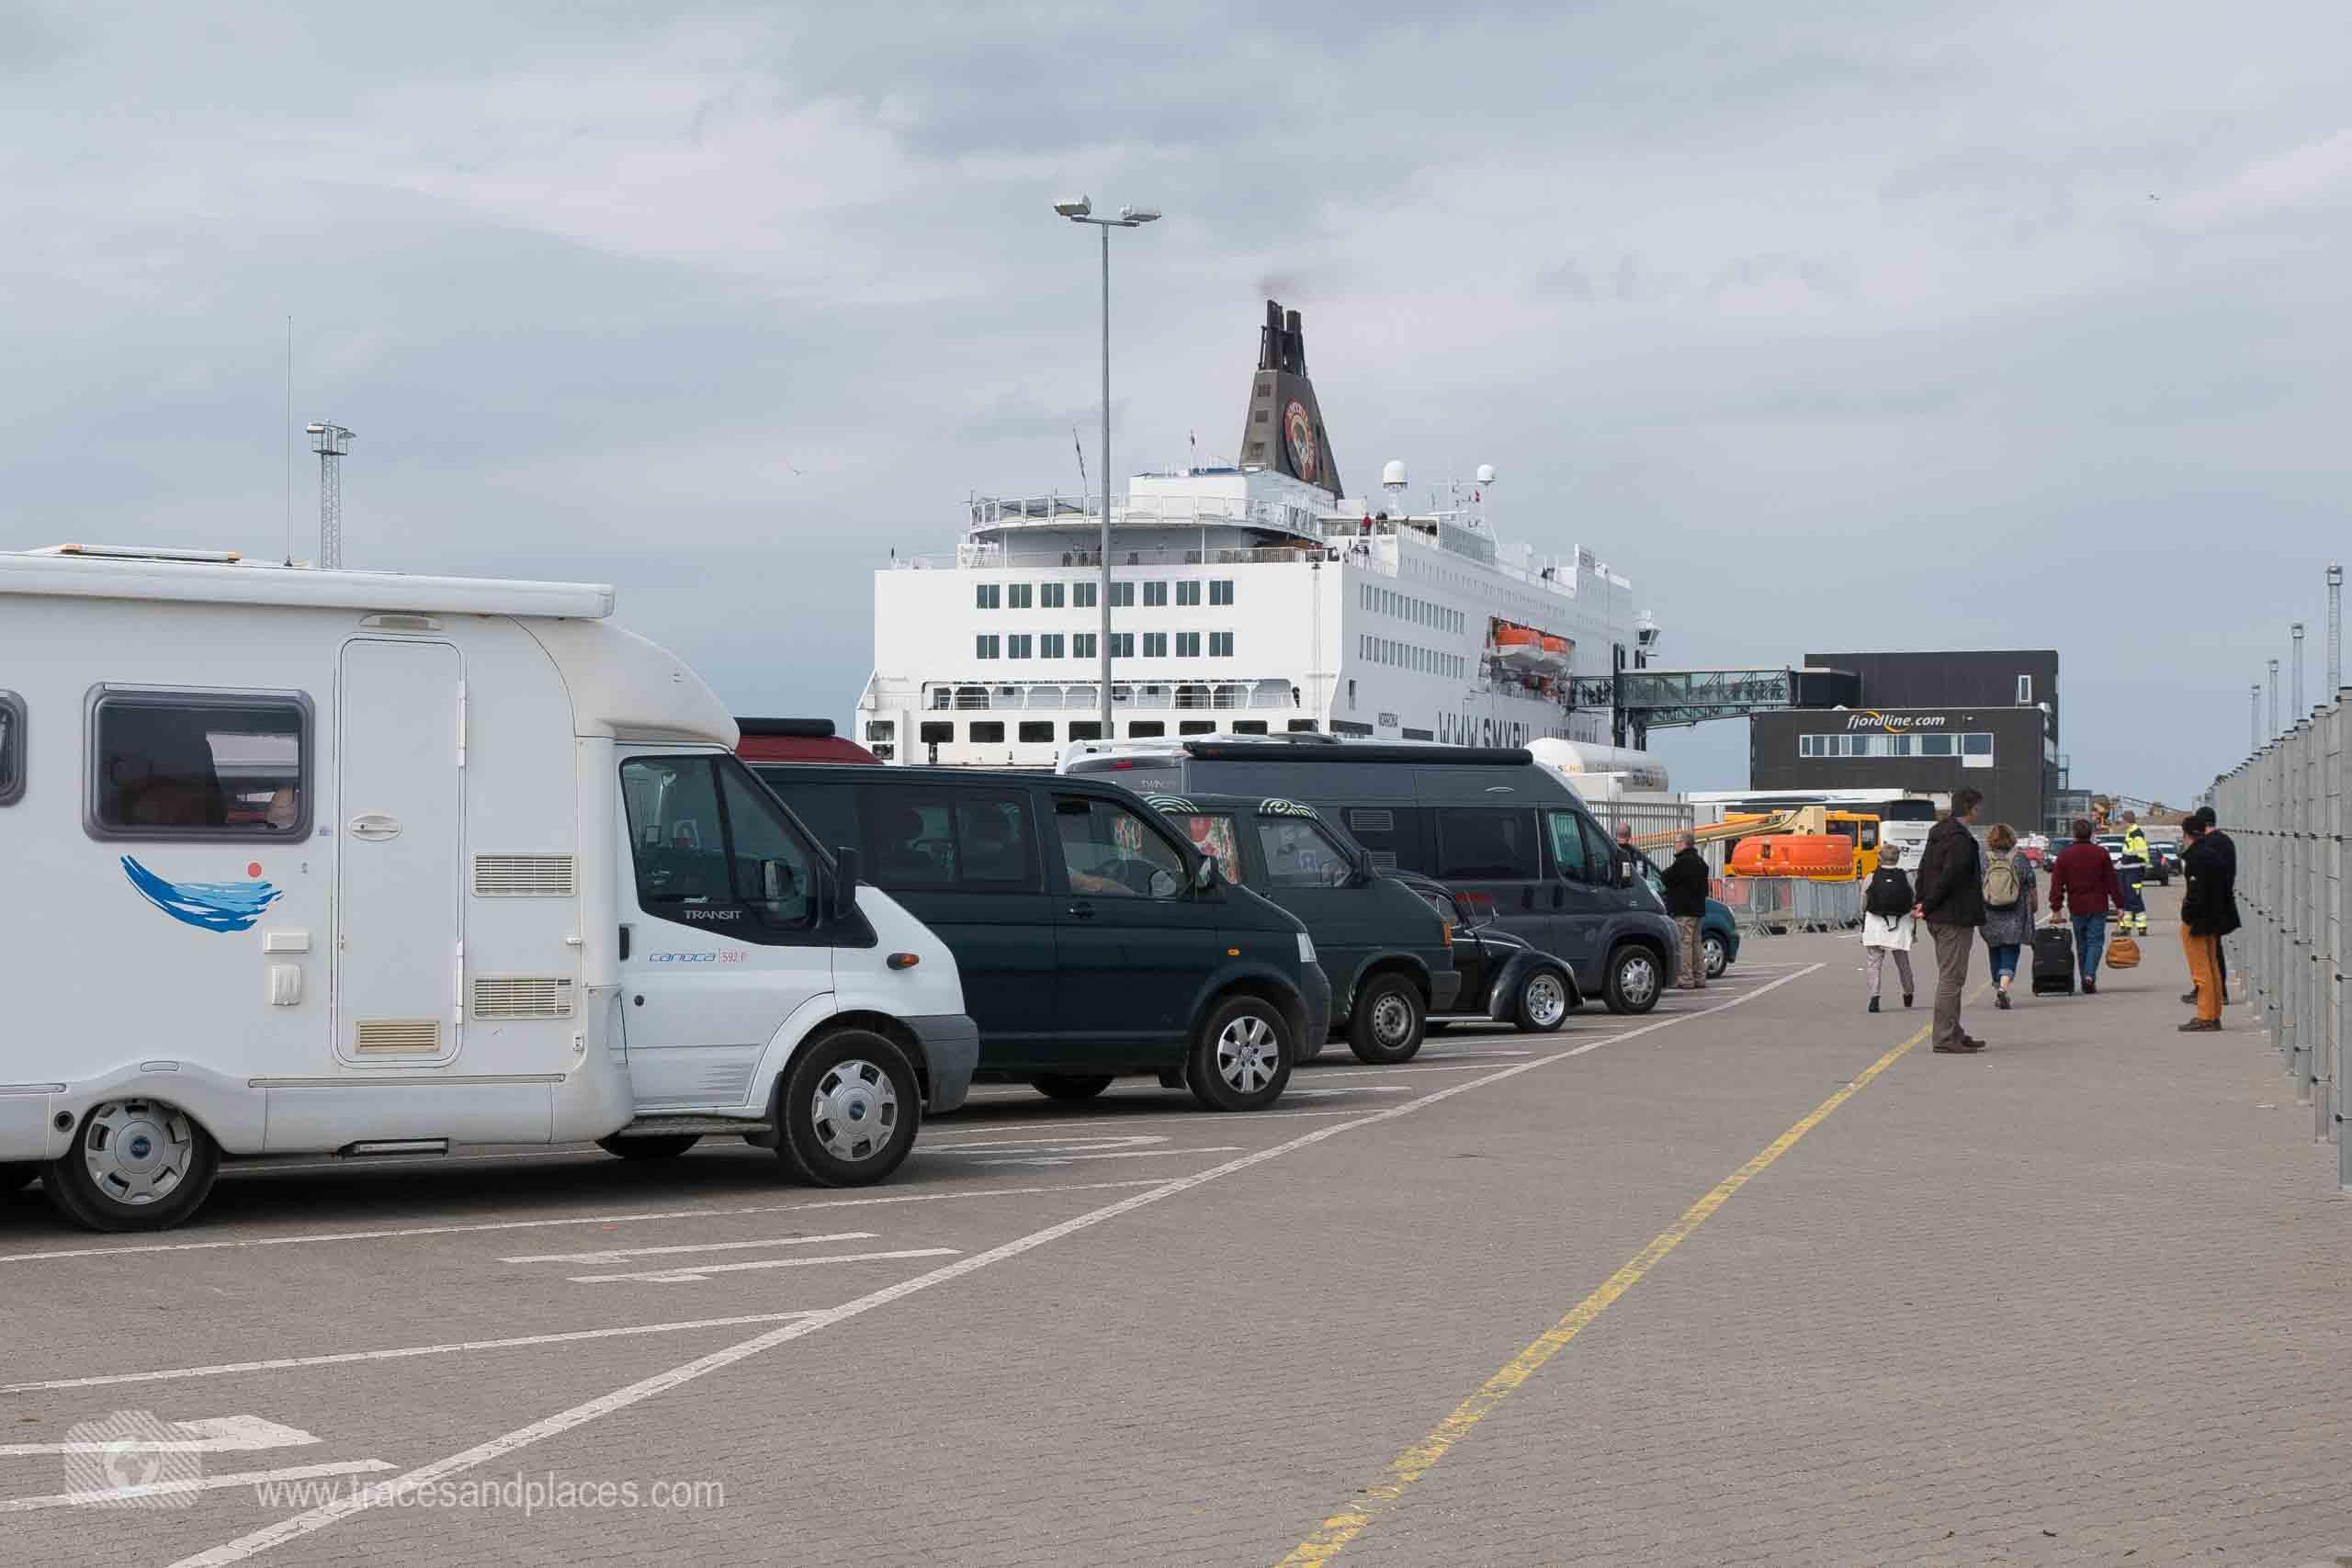 Abfahrt in Hirtshals mit Smyril Line nach Island